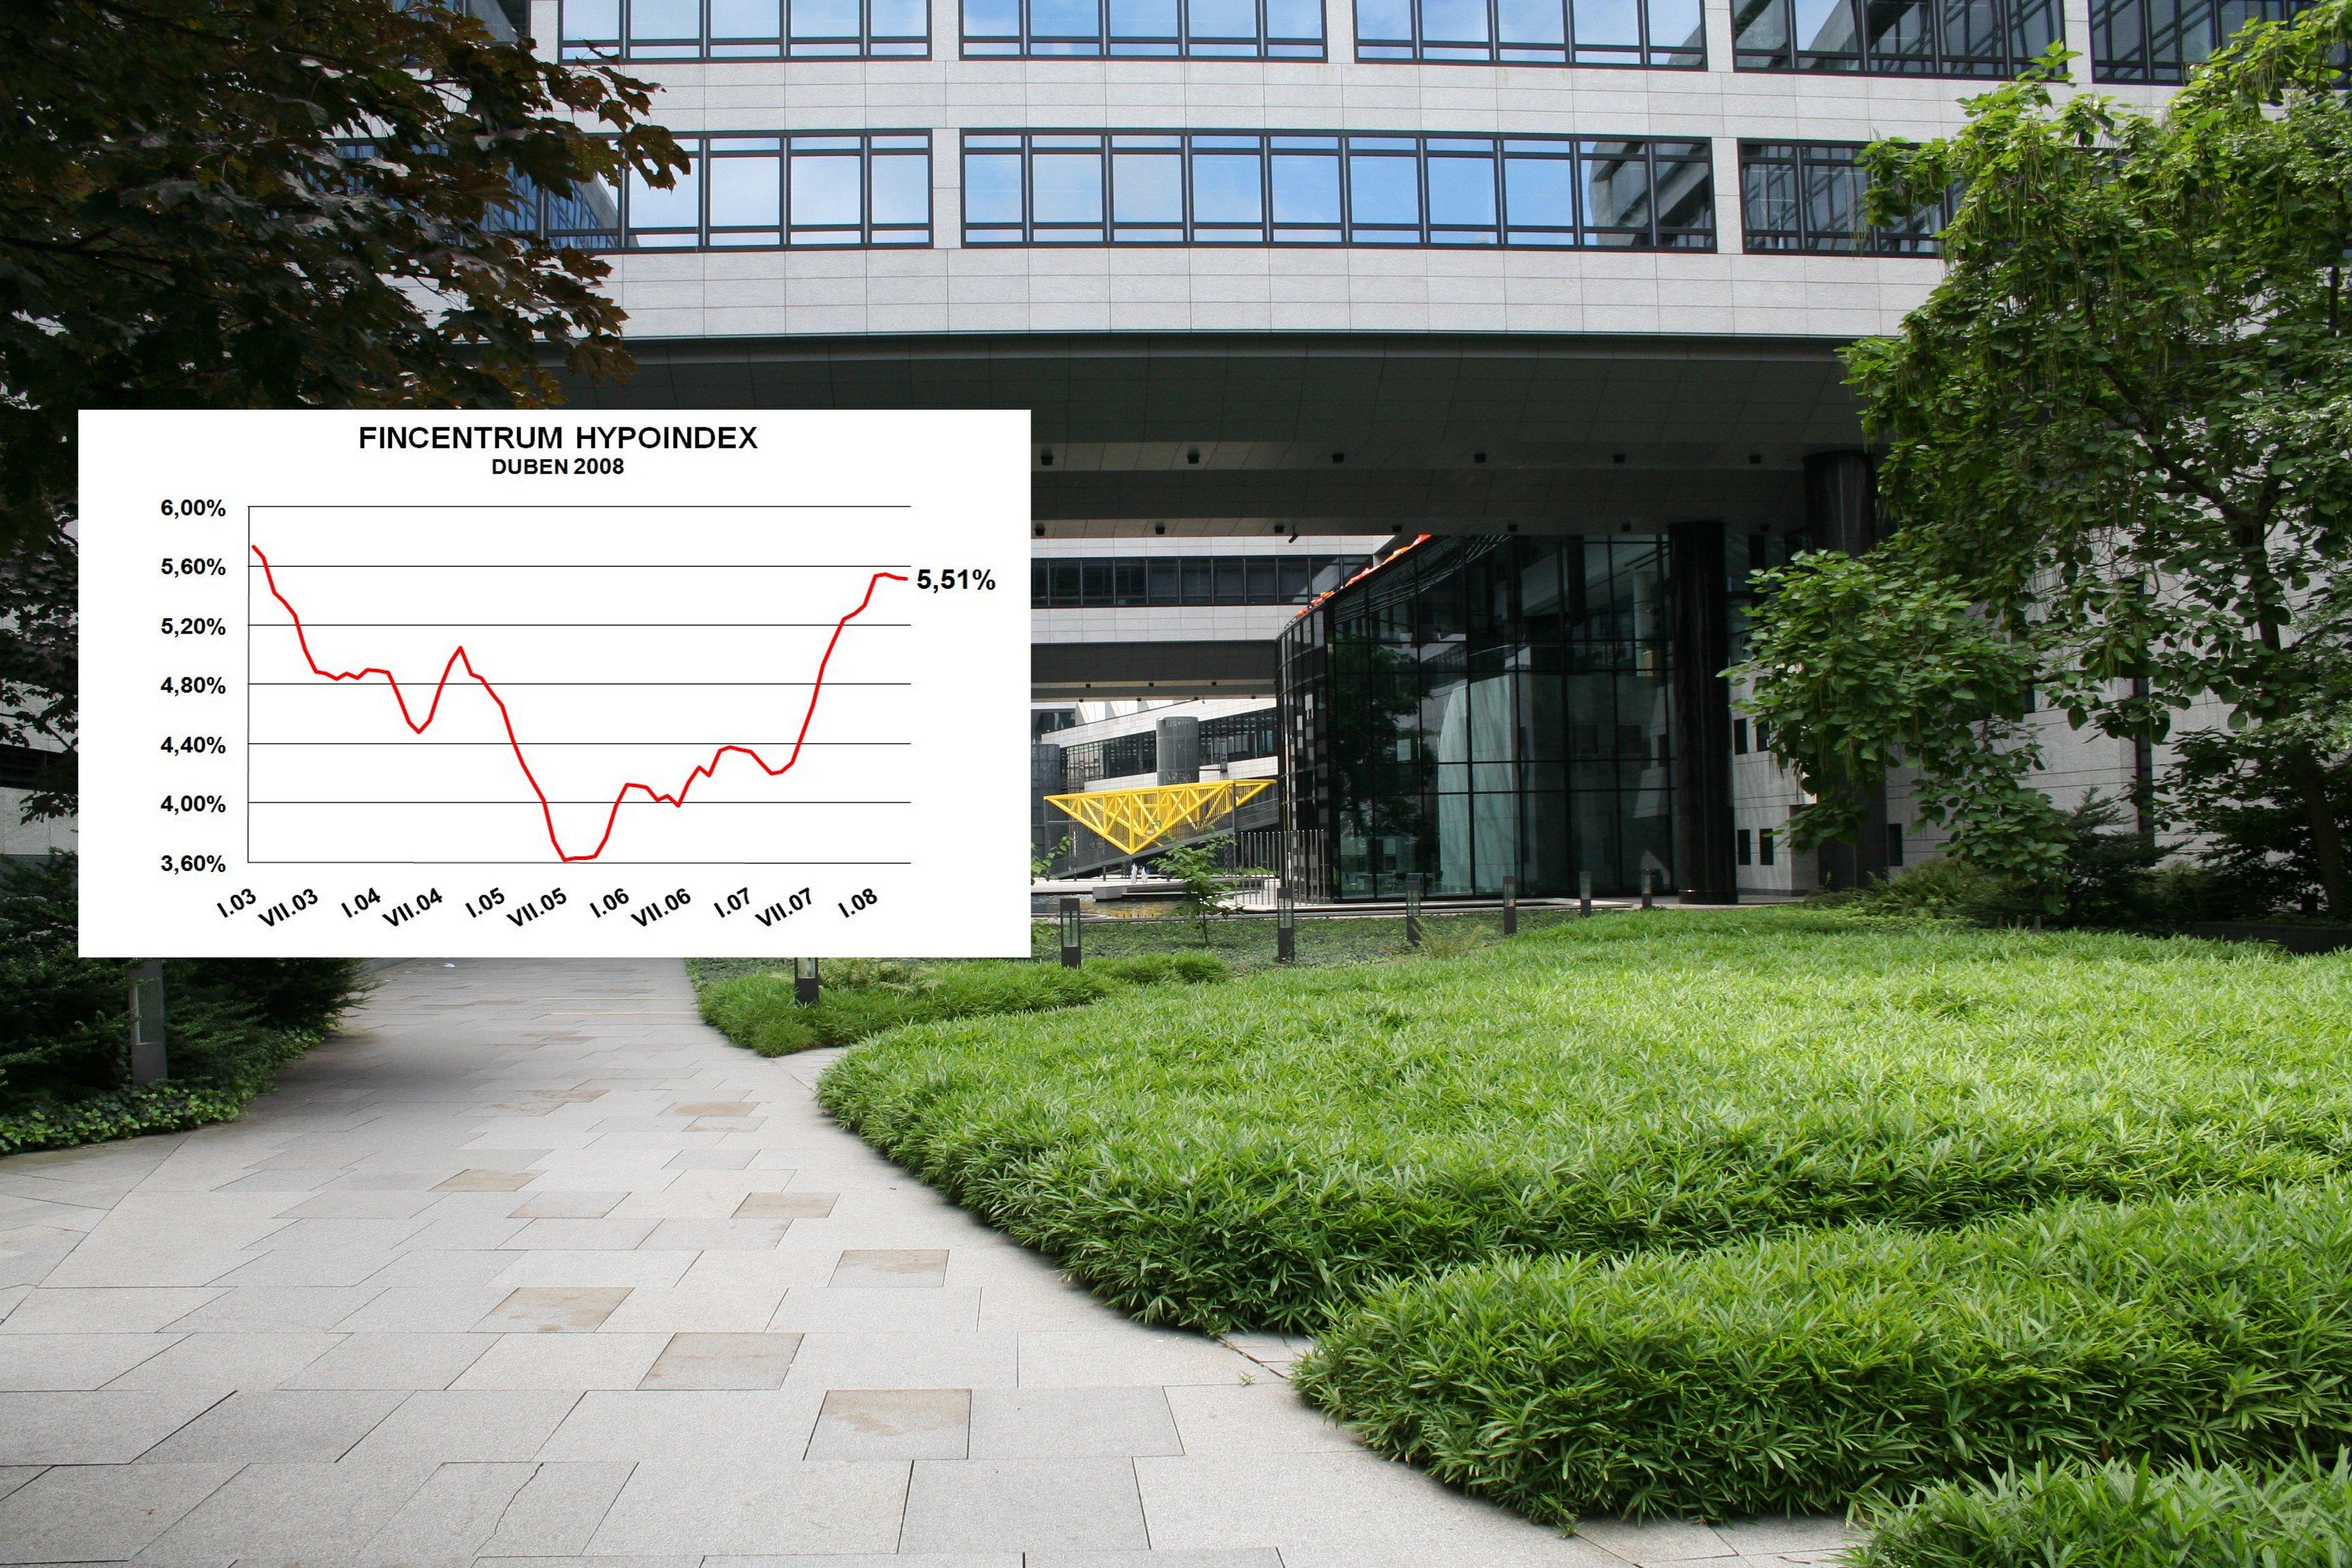 Hypoindex duben 2008: Úrokové sazby pokračují v poklesu